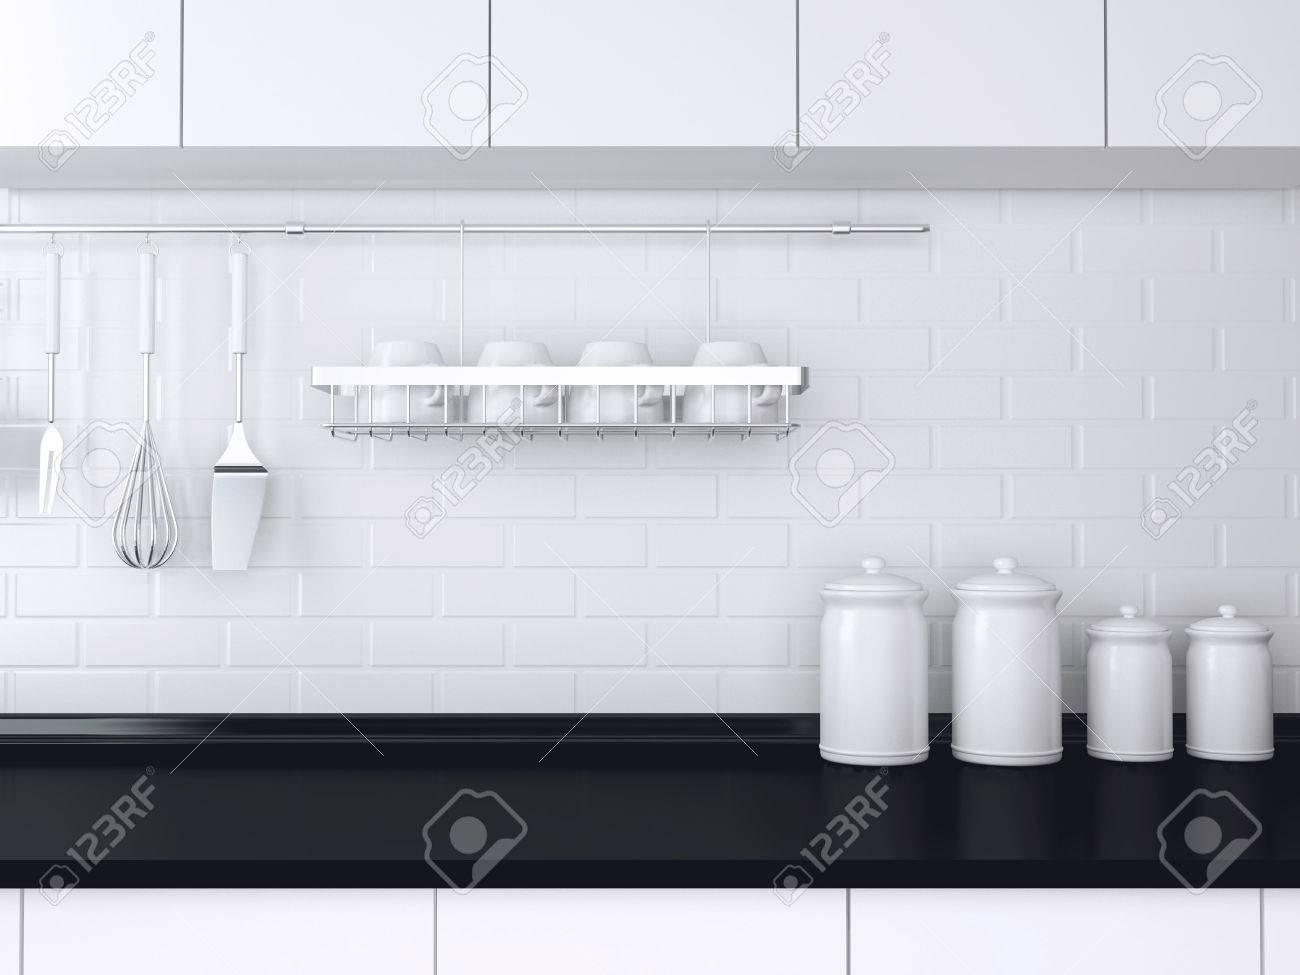 Utensilien Und Geschirr Auf Der Arbeitsplatte. Schwarz-Weiß-Küche ...